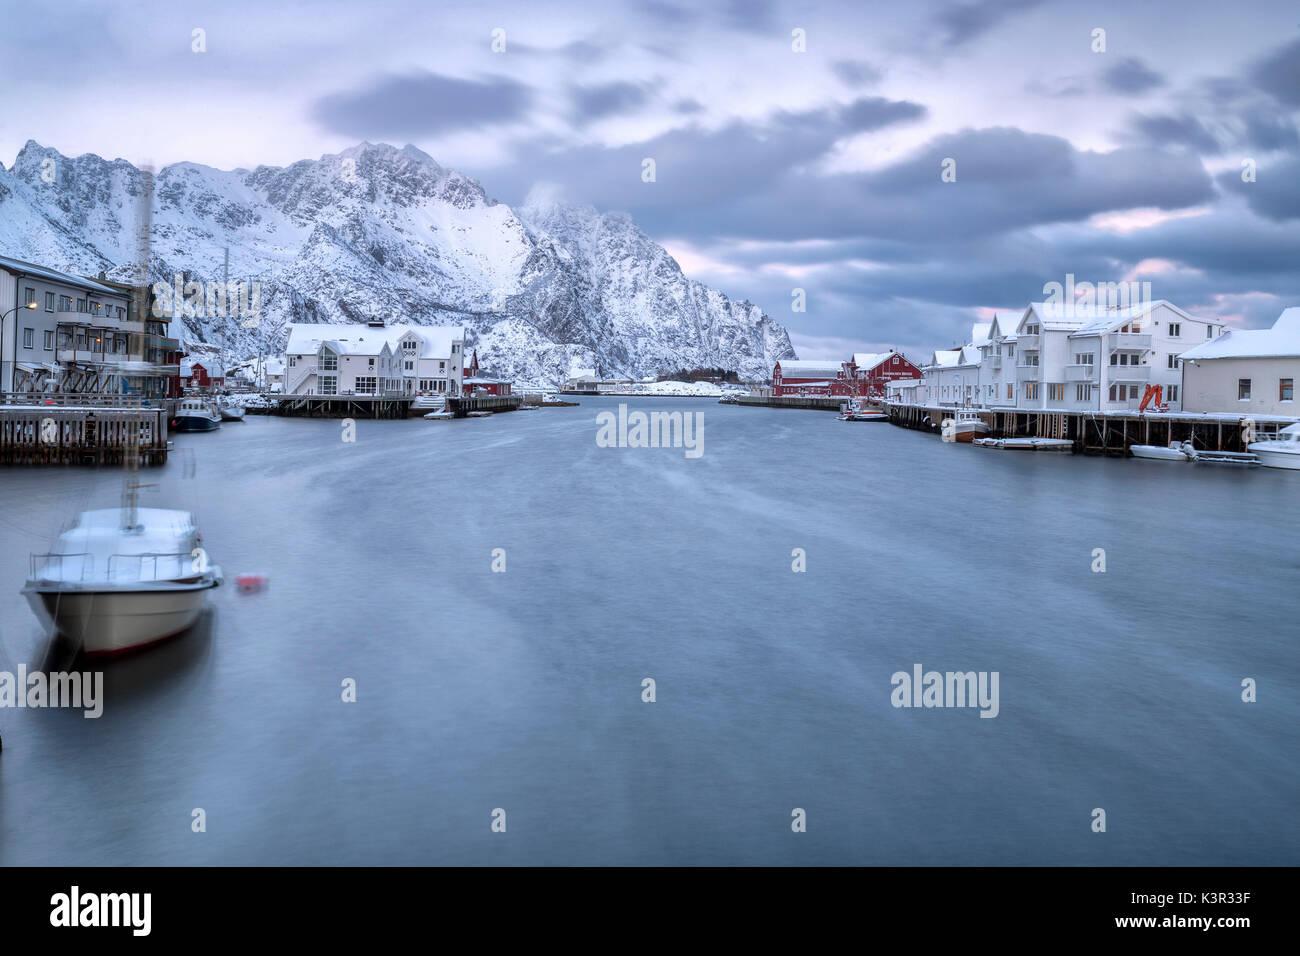 Die typischen Fischerdorf Henningsvær umgeben von schneebedeckten Bergen und dem kalten Meer Lofoten in Nordnorwegen Stockbild